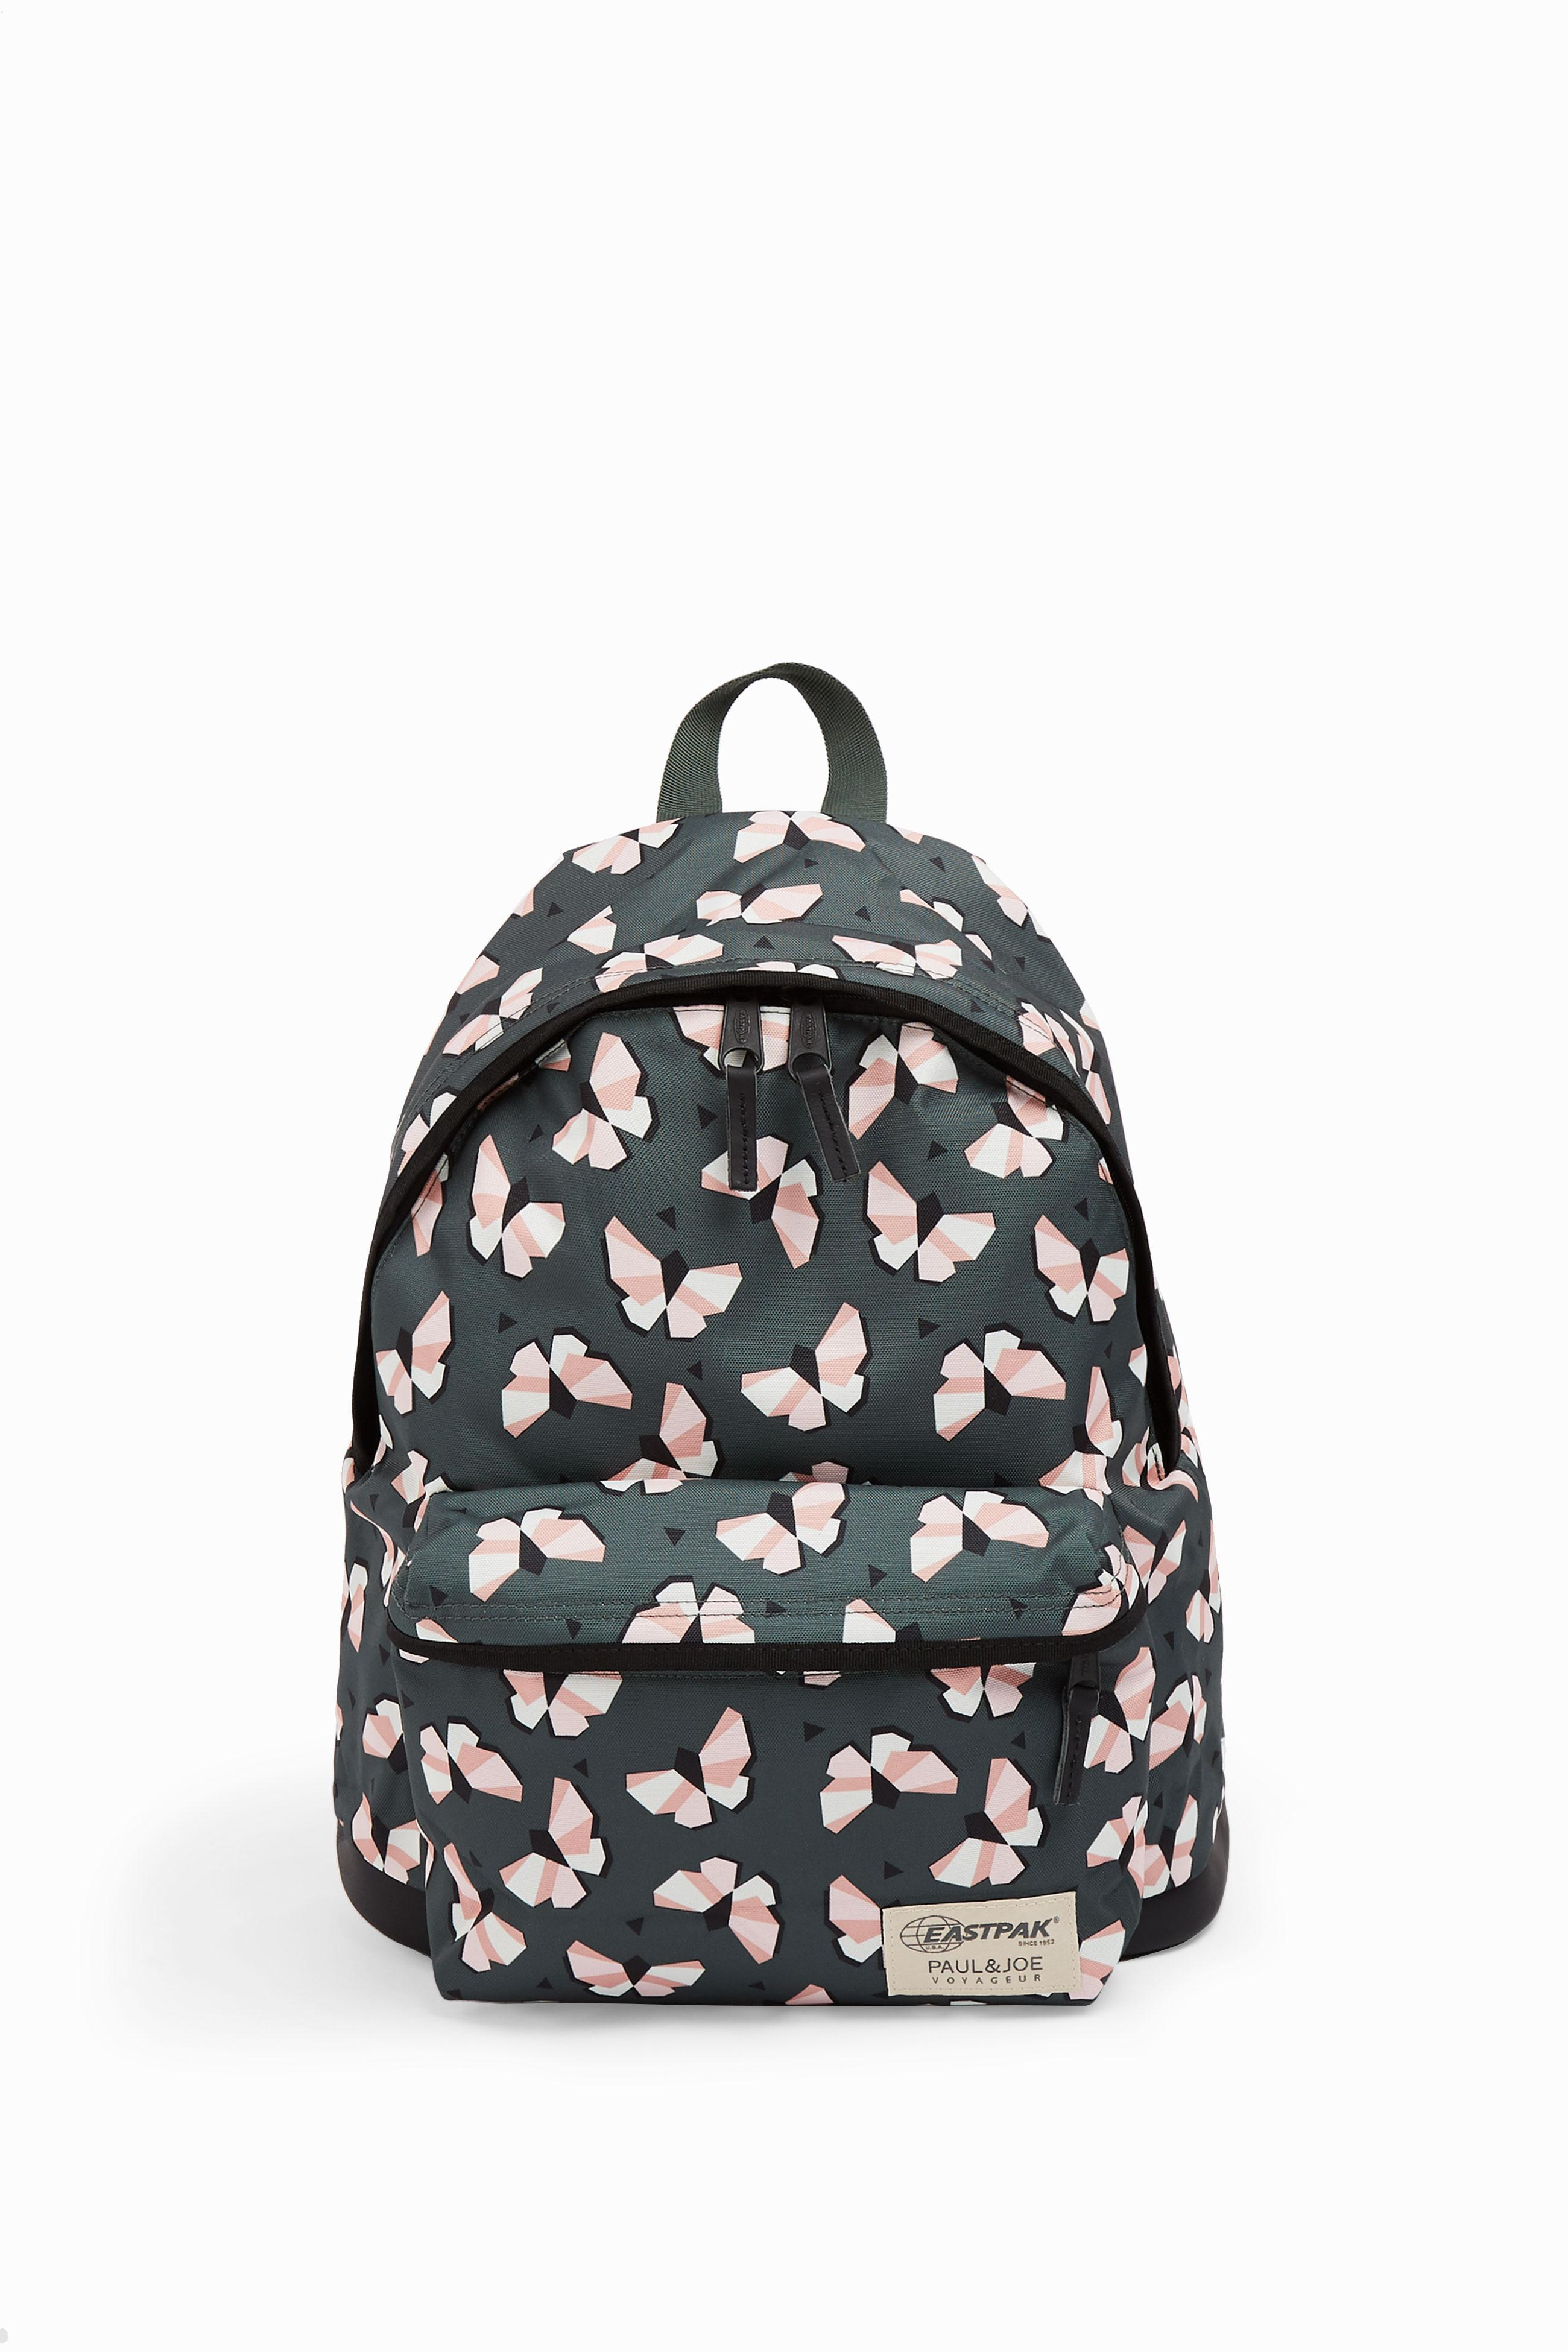 Backpack Butterfly Eastpak Lyst X Joe Paul amp  vXwSqS6WY 4cb9f4df11e